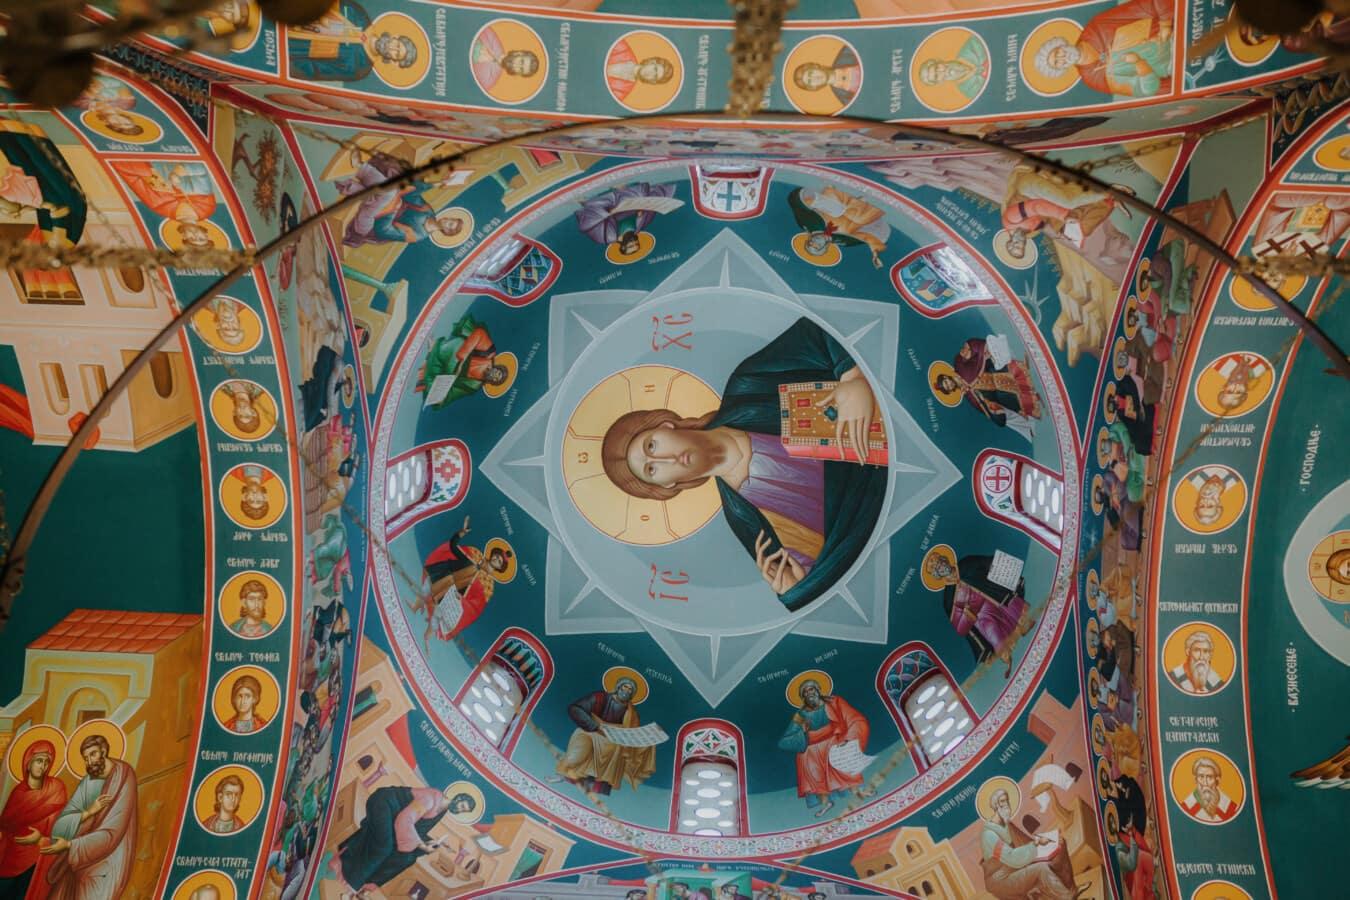 dôme, majestueux, au plafond, peinture murale, Christian, Christ, Christianisme, coloré, Saint, art